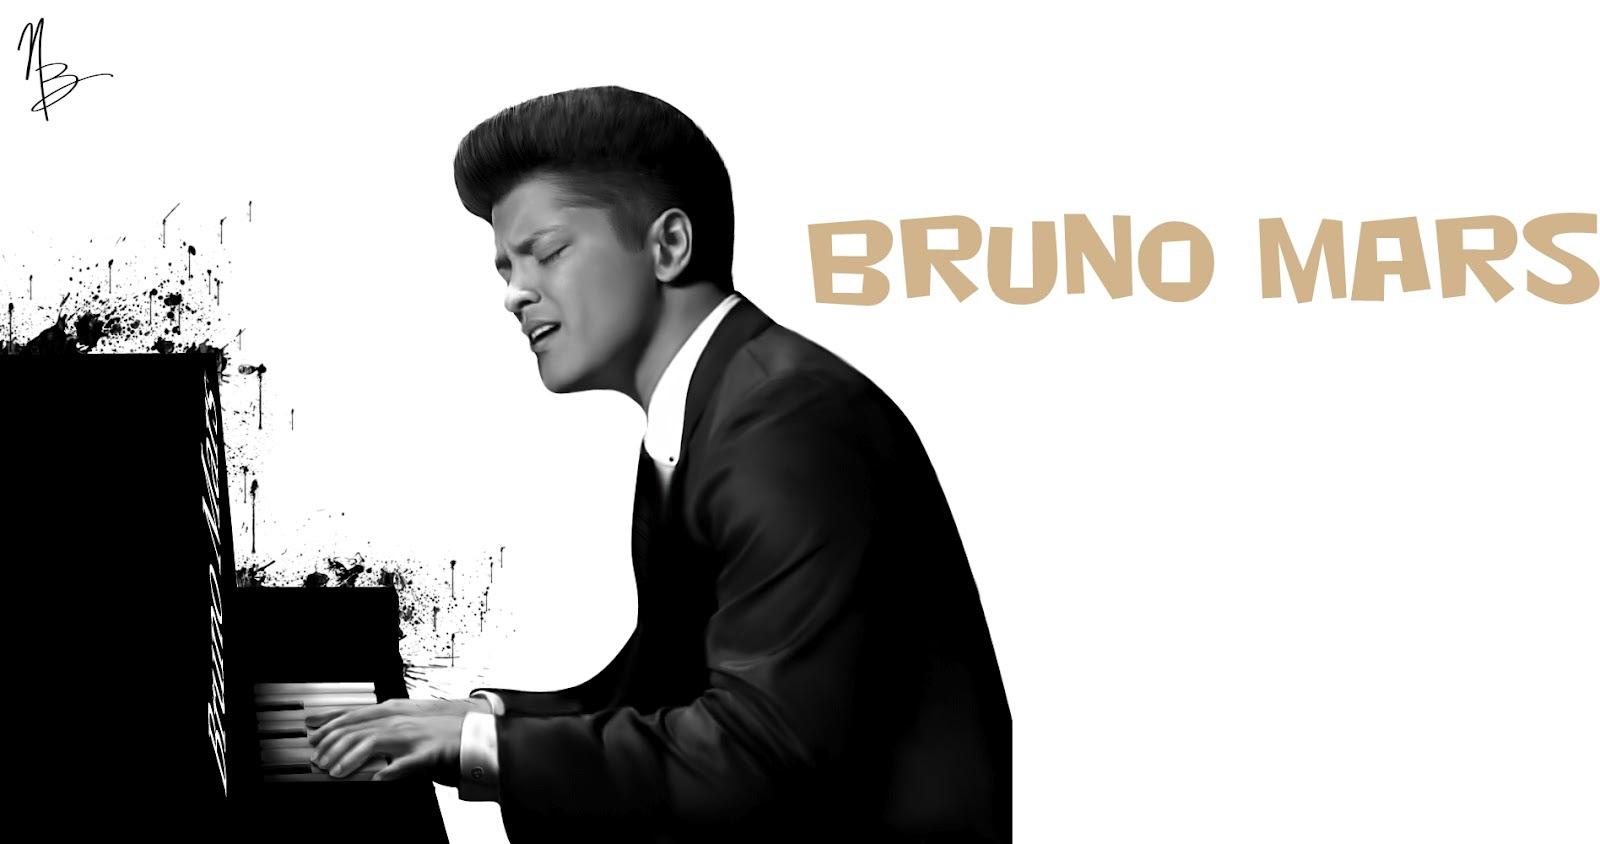 Brunomars \u521b\u4f5cchunky Bruno Mars_\u706b\u661f